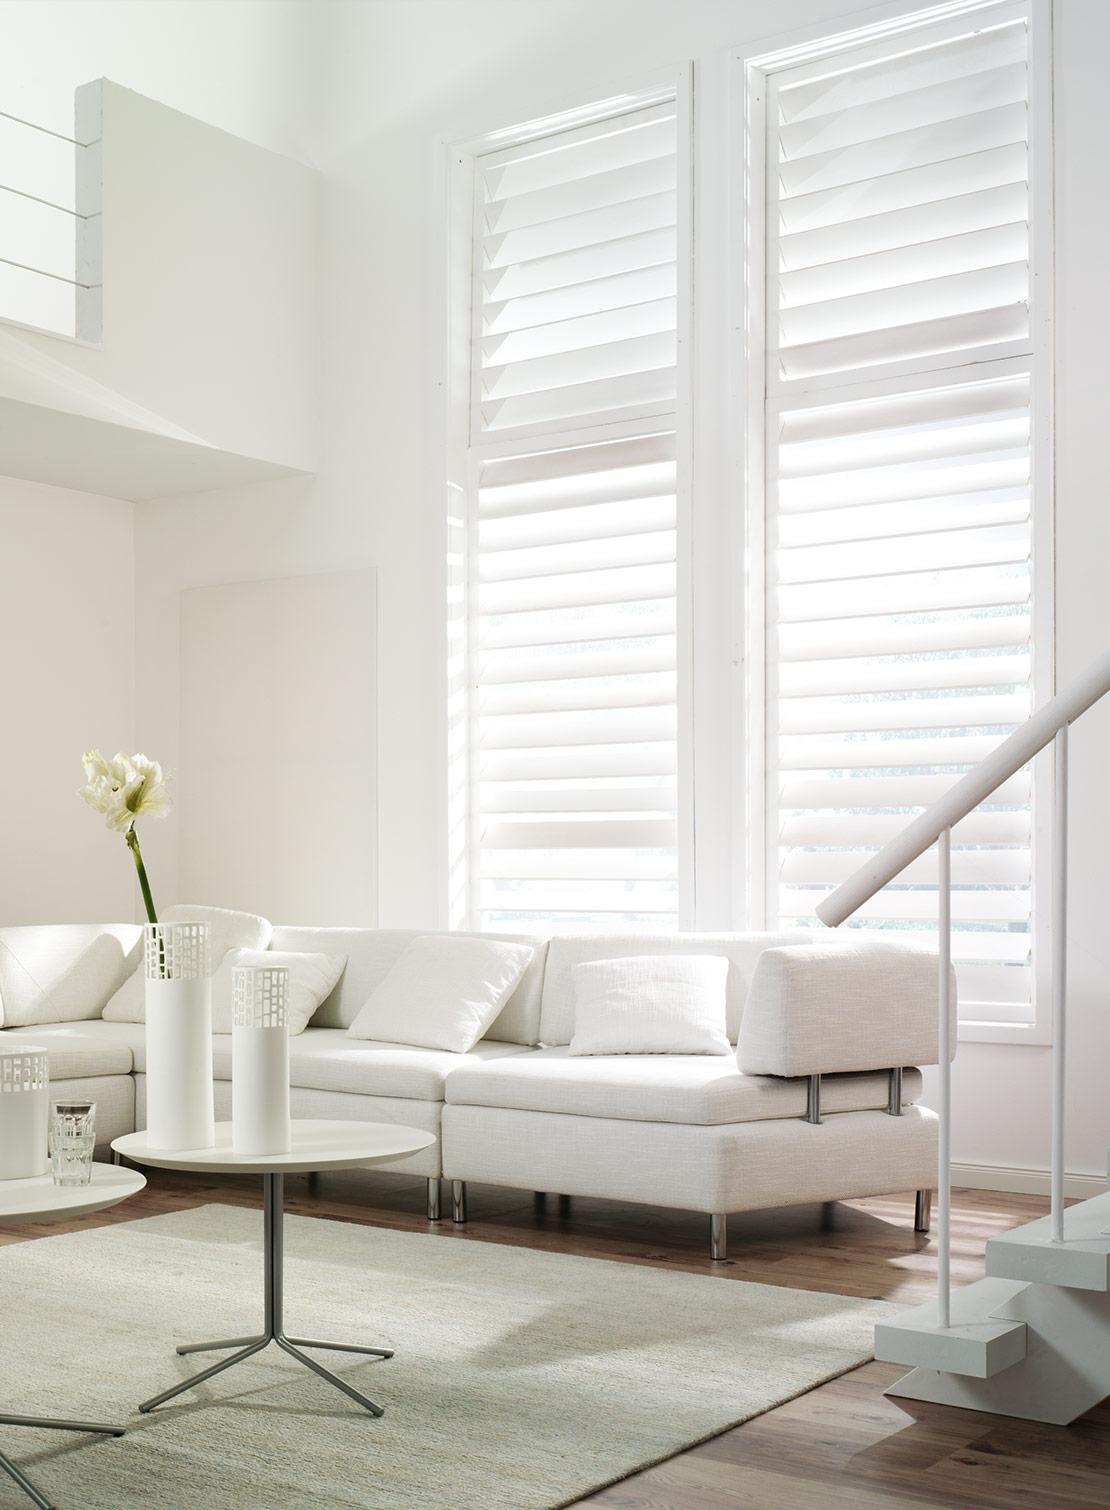 raumwirkung mit farben ma nehmen sch ner wohnen farbe. Black Bedroom Furniture Sets. Home Design Ideas